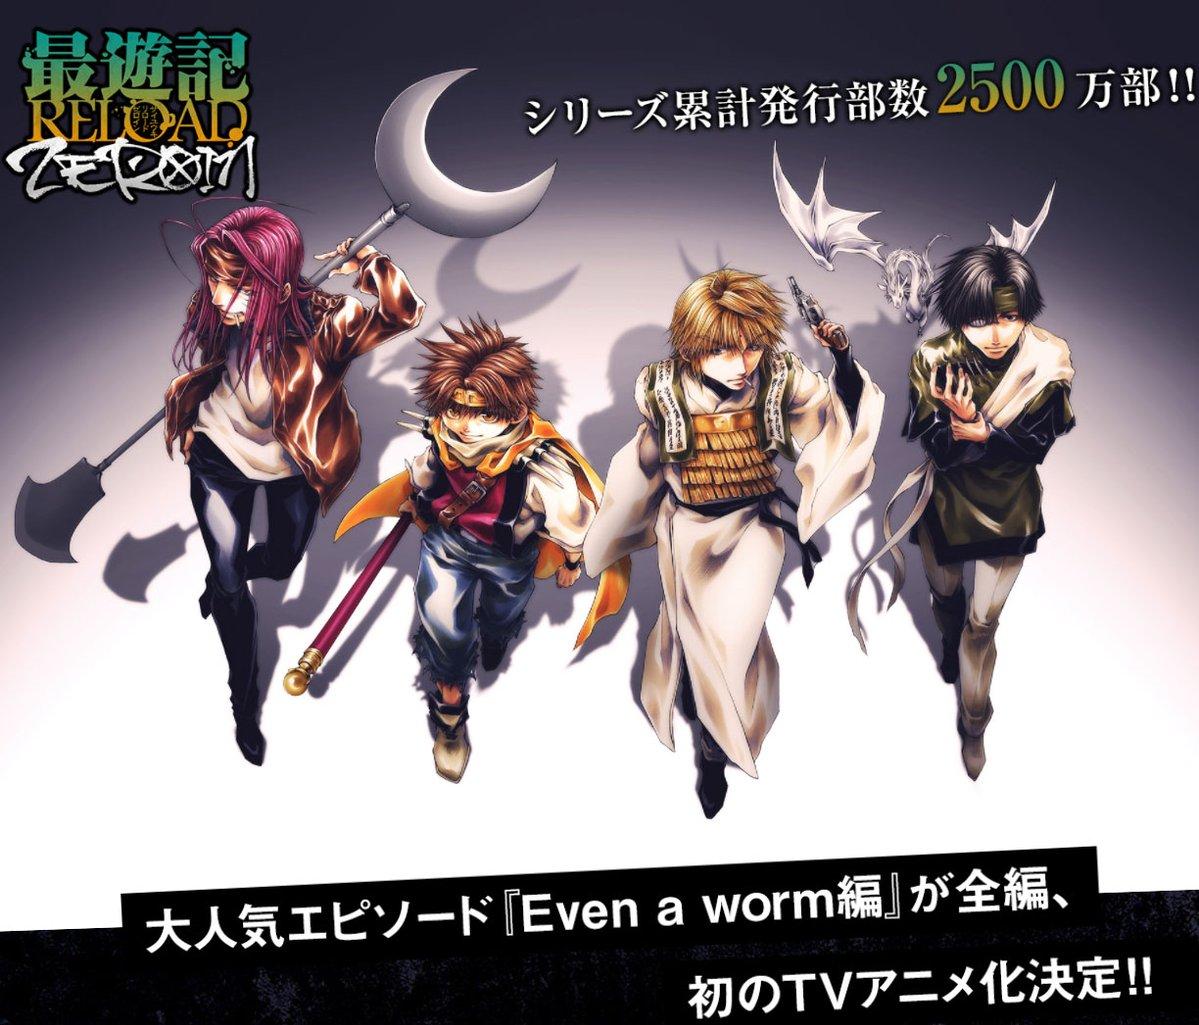 「最遊記」大人気エピソード「Even a worm編」TVアニメ化決定